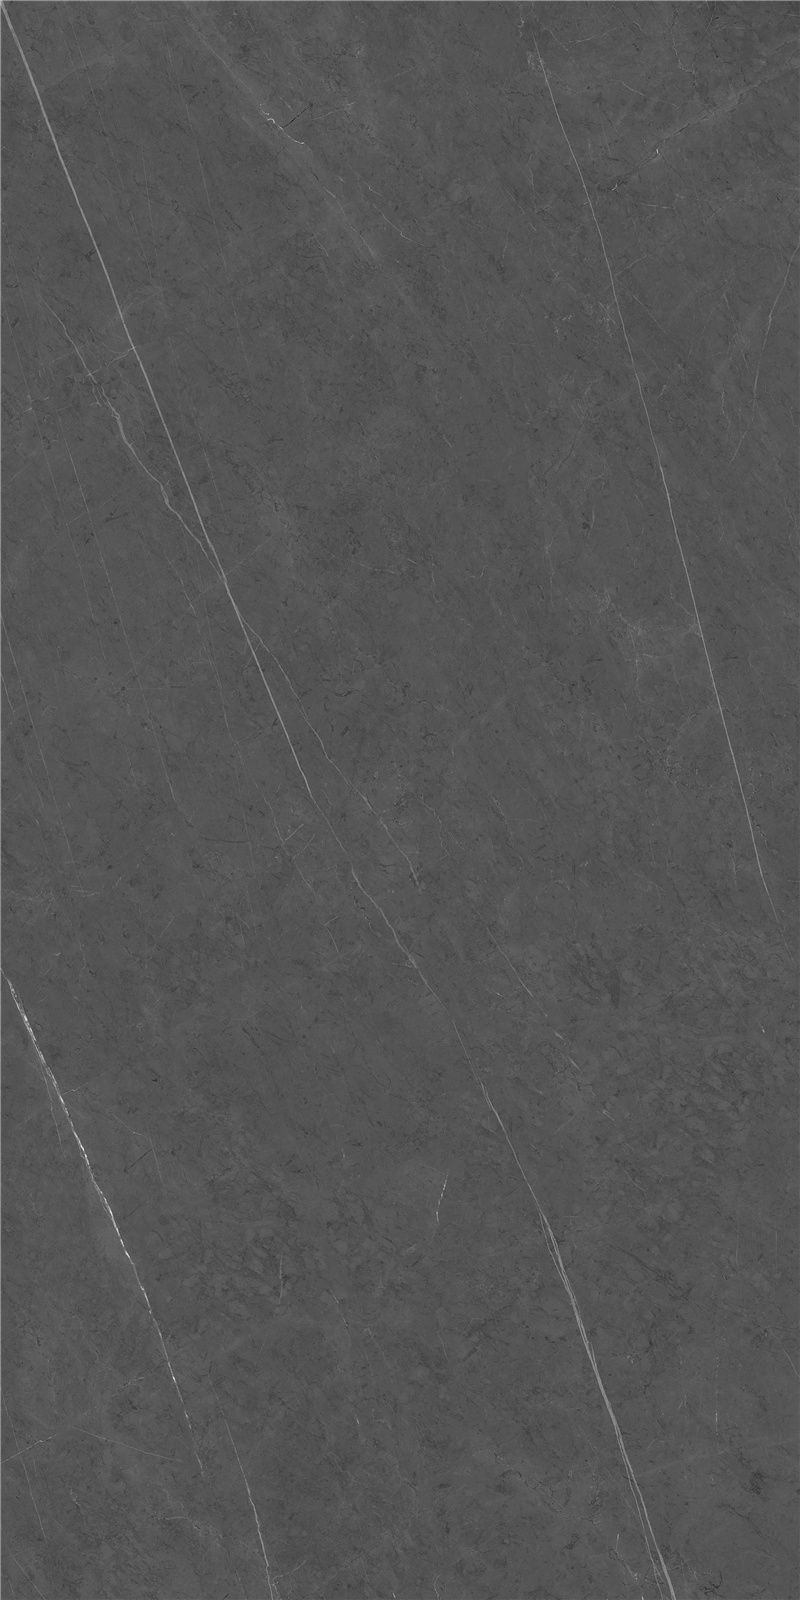 金沙网络娱乐-9-HPG2412A032保加利亚深灰